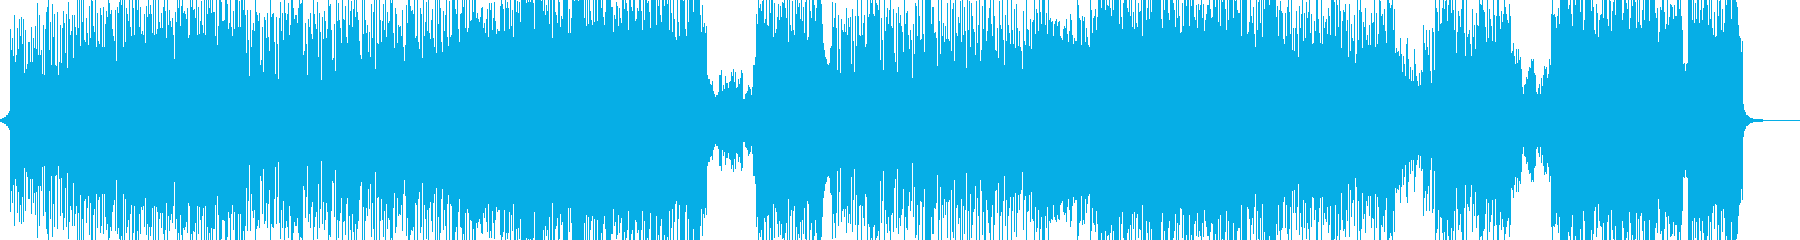 明るくカラフル☆ハッピーなロック Lの再生済みの波形